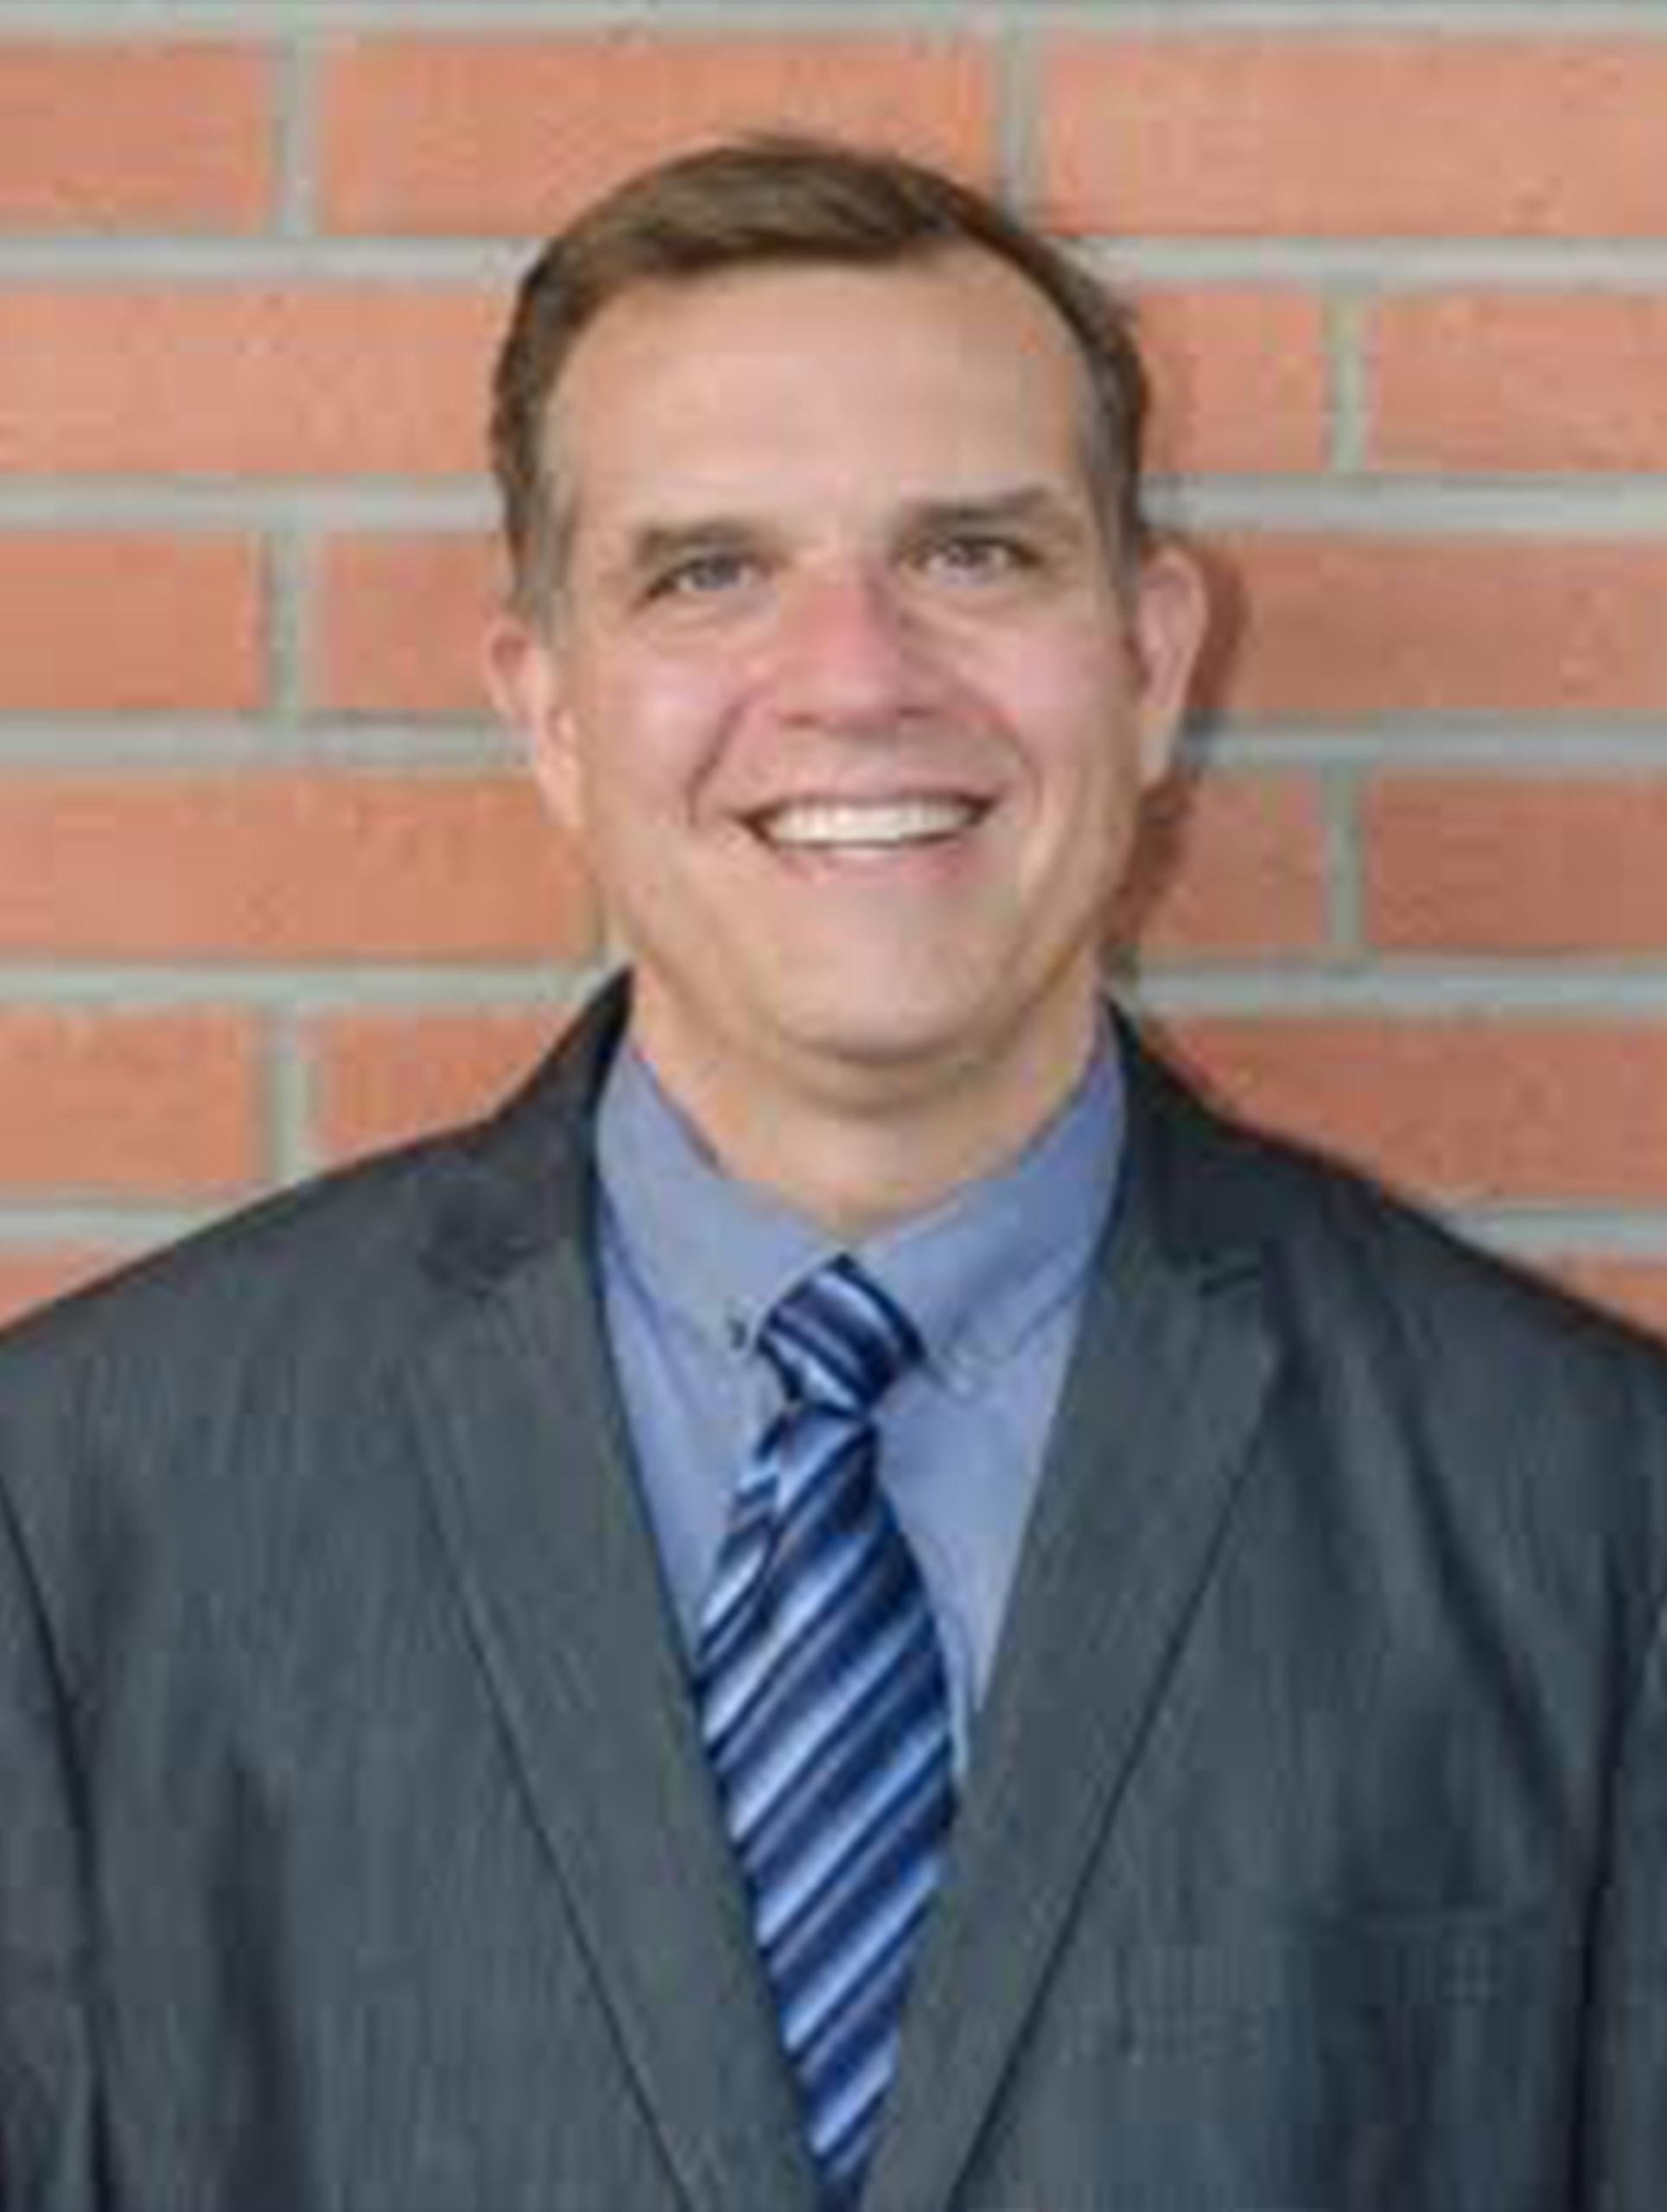 Todd Henneman